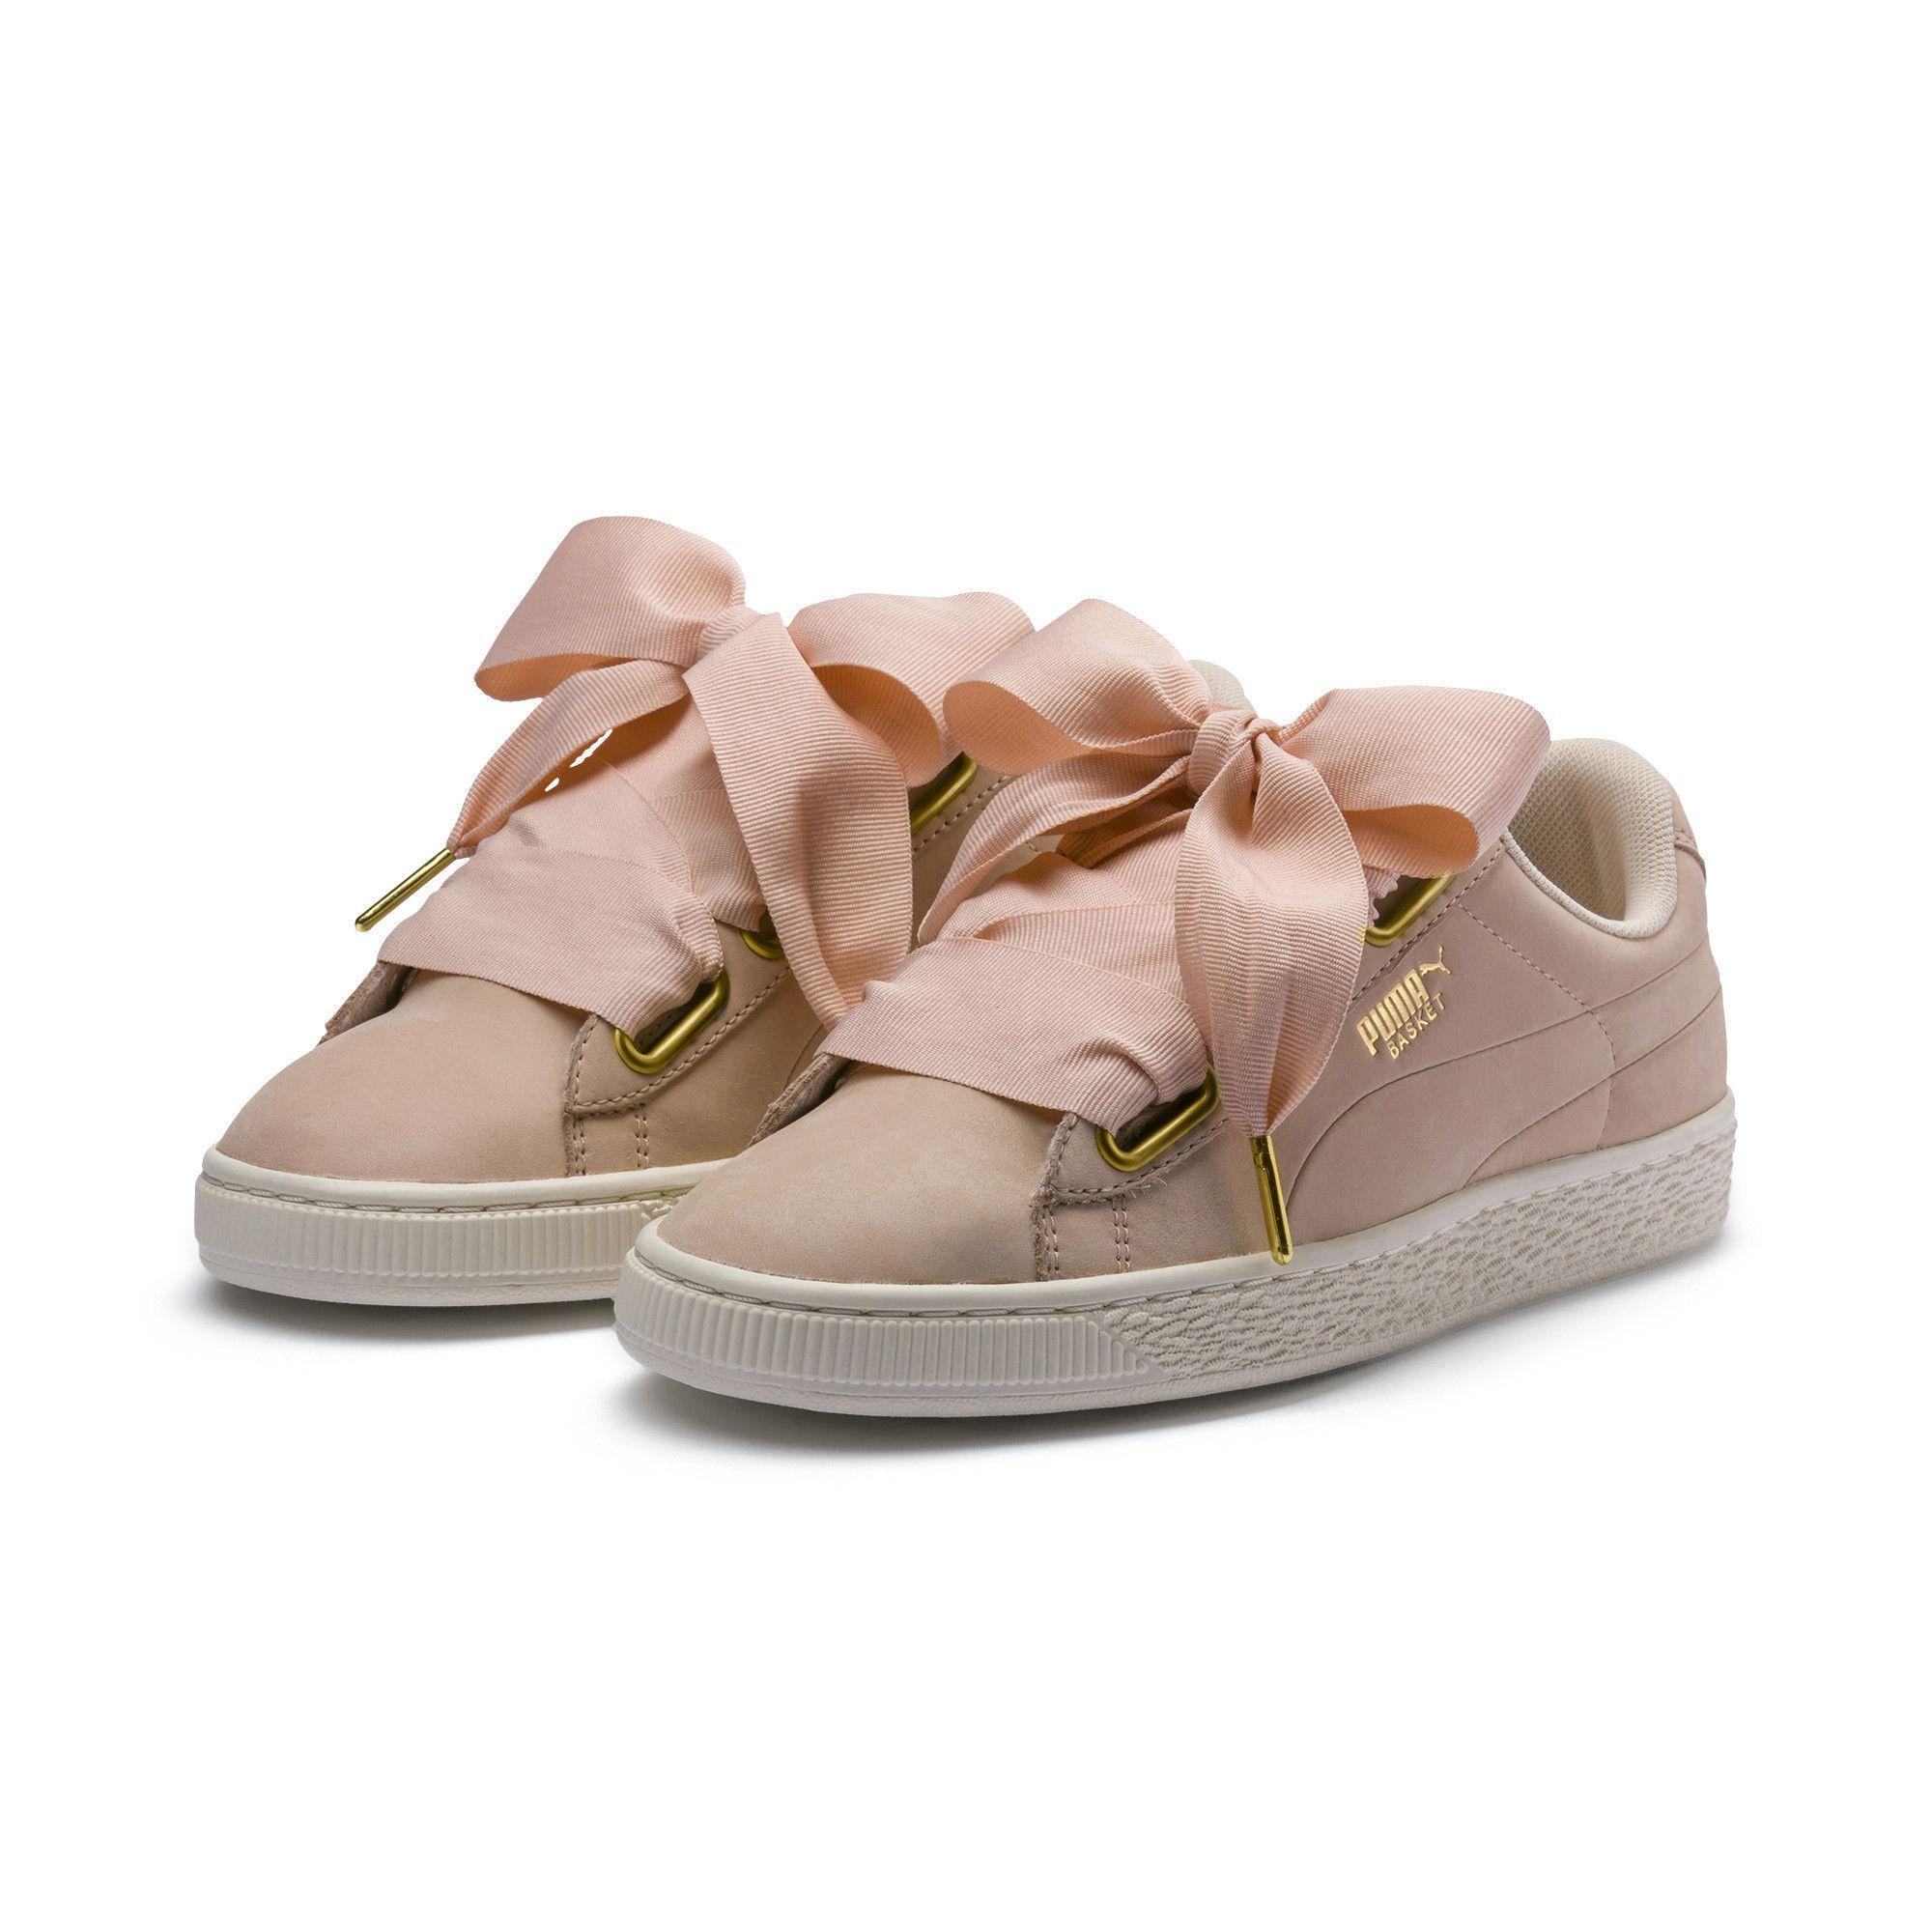 Basket Heart Soft Women's Sneakers